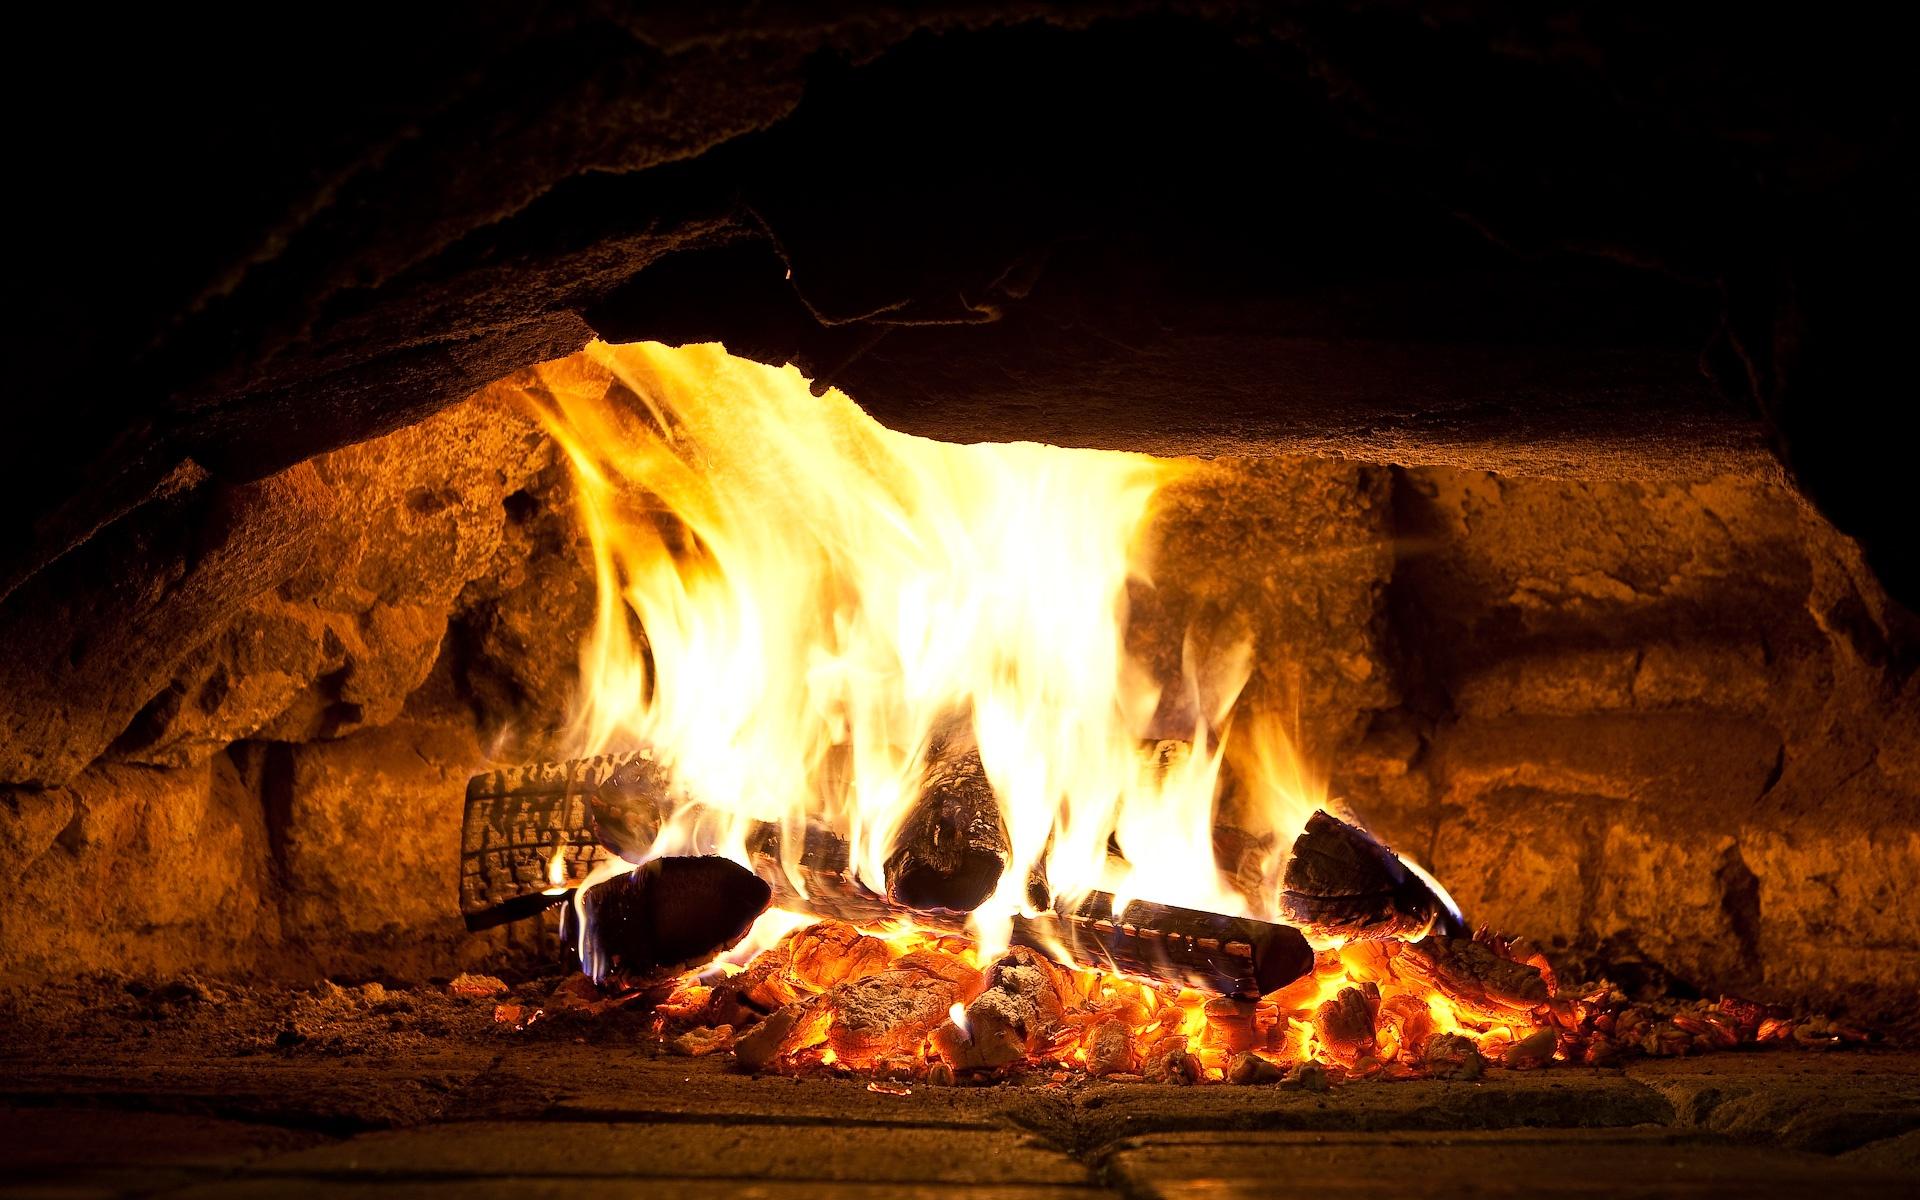 fireplace wallpaper 24631